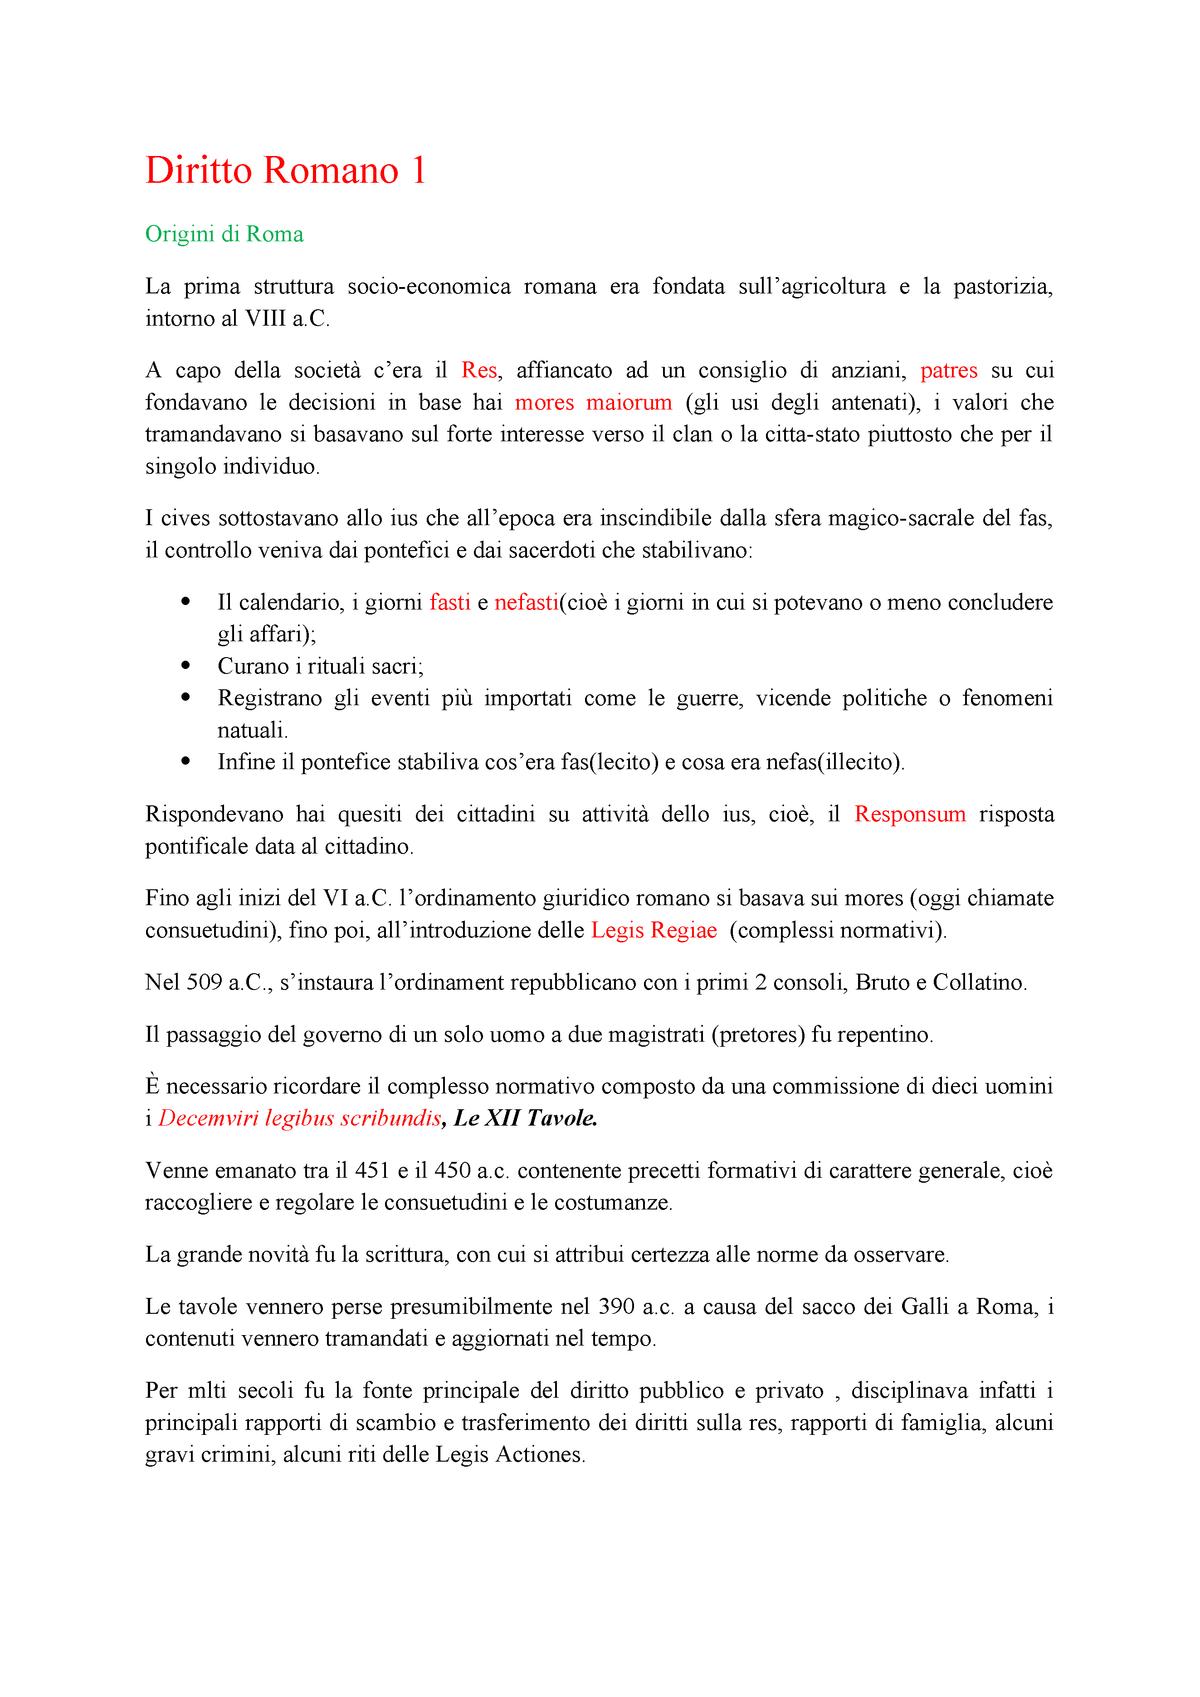 Il Calendario Romano Riassunto.Diritto Romani 1 Riassunti Ius 02 Studocu